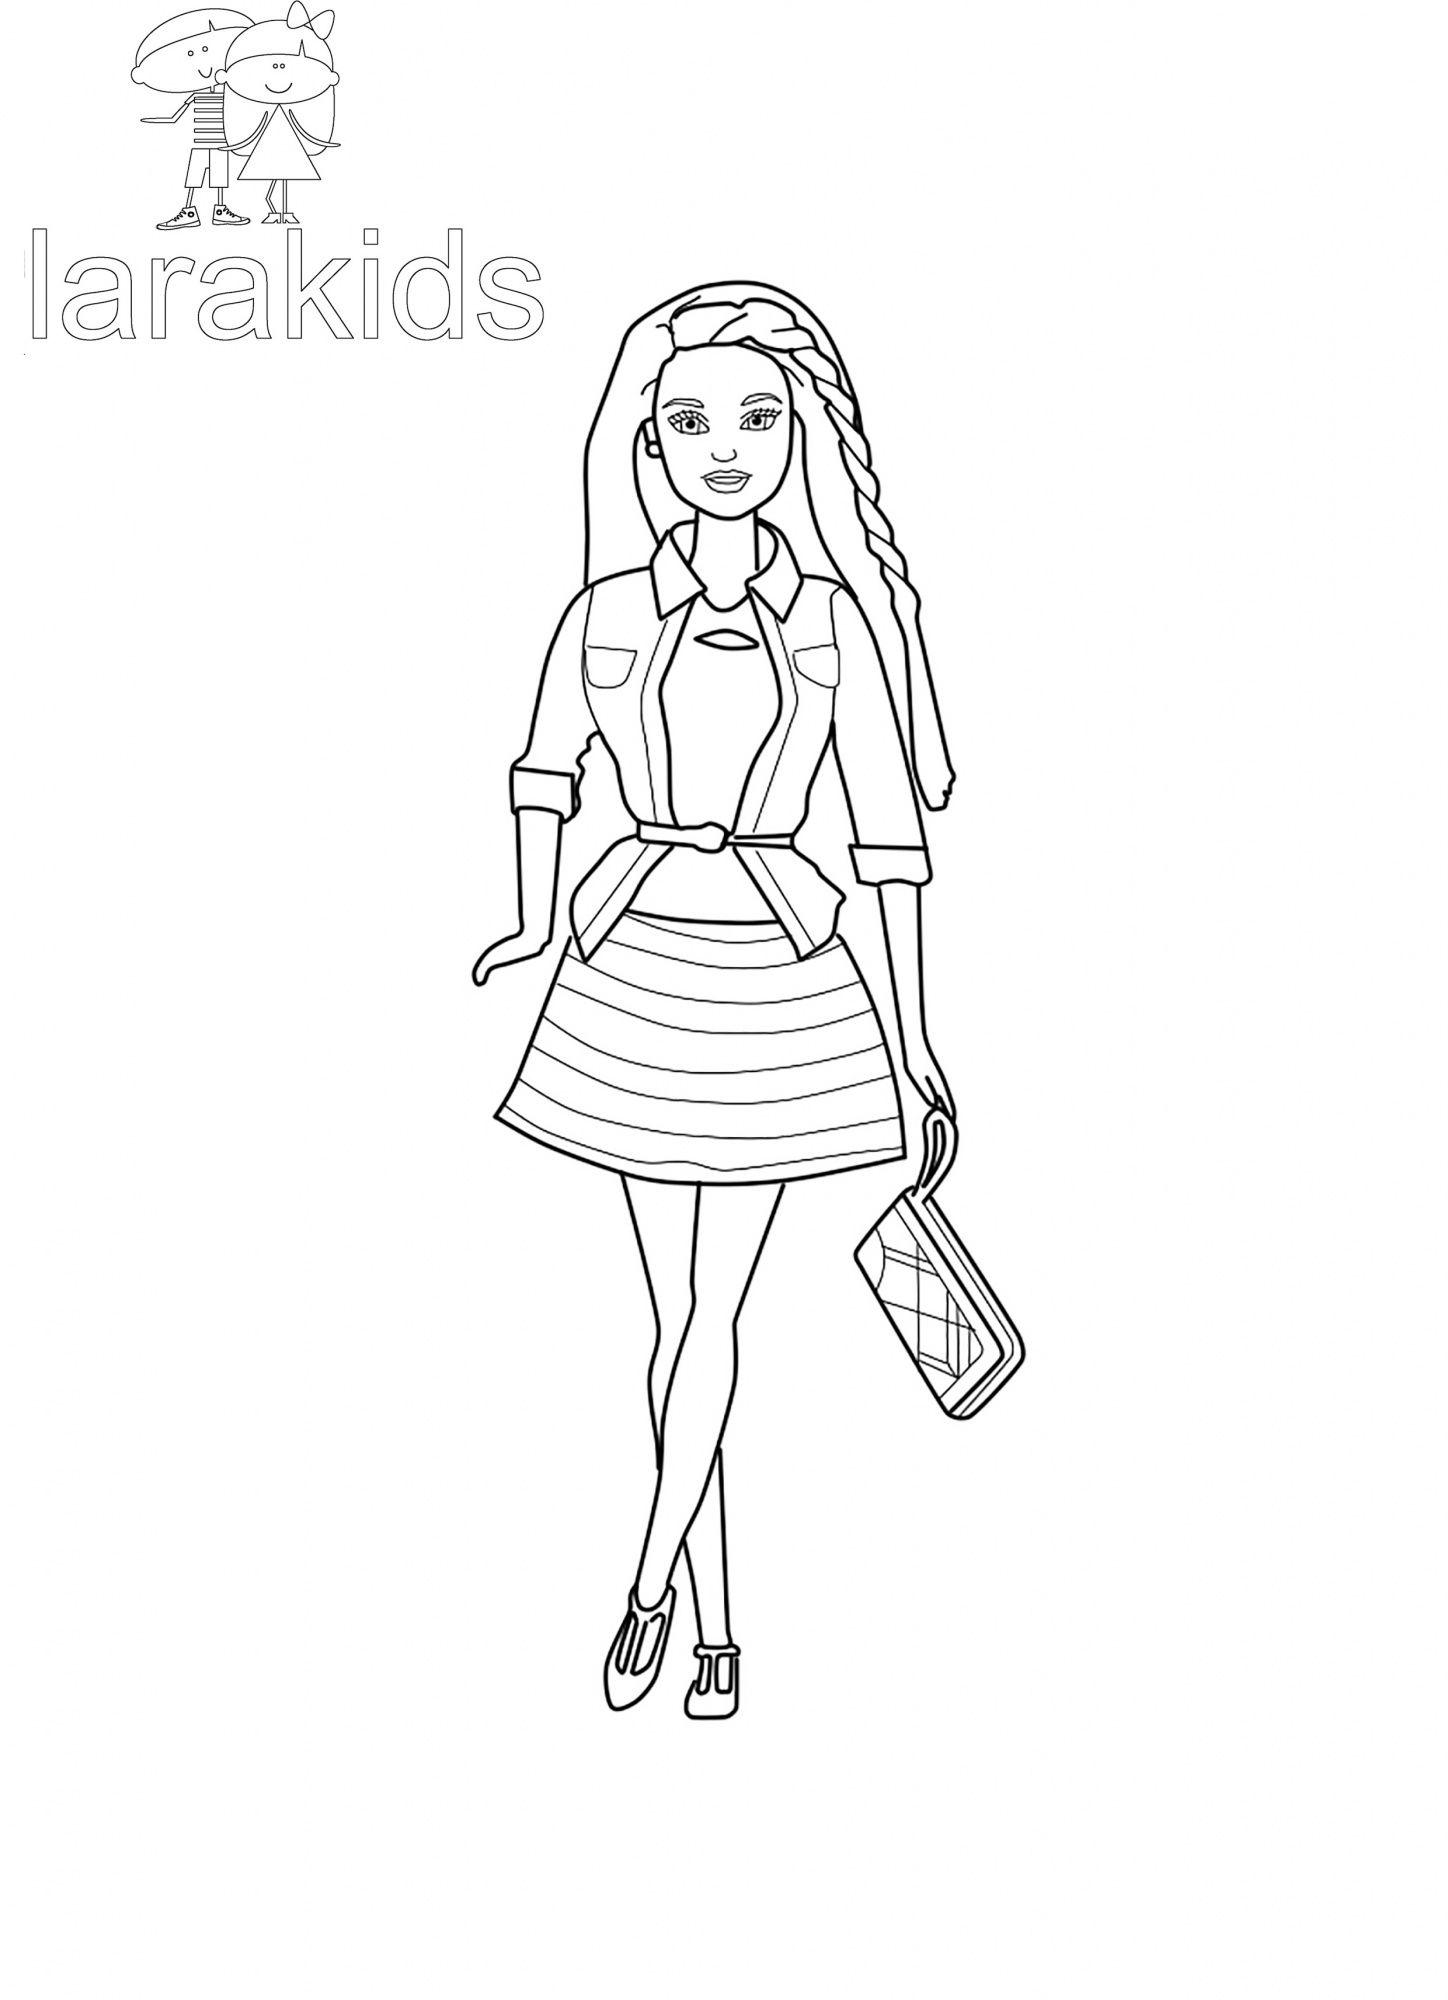 Ausmalbilder Barbie : Drucken F Rbung Barbie In Einem Gestreiften Rock Ausmalbilder